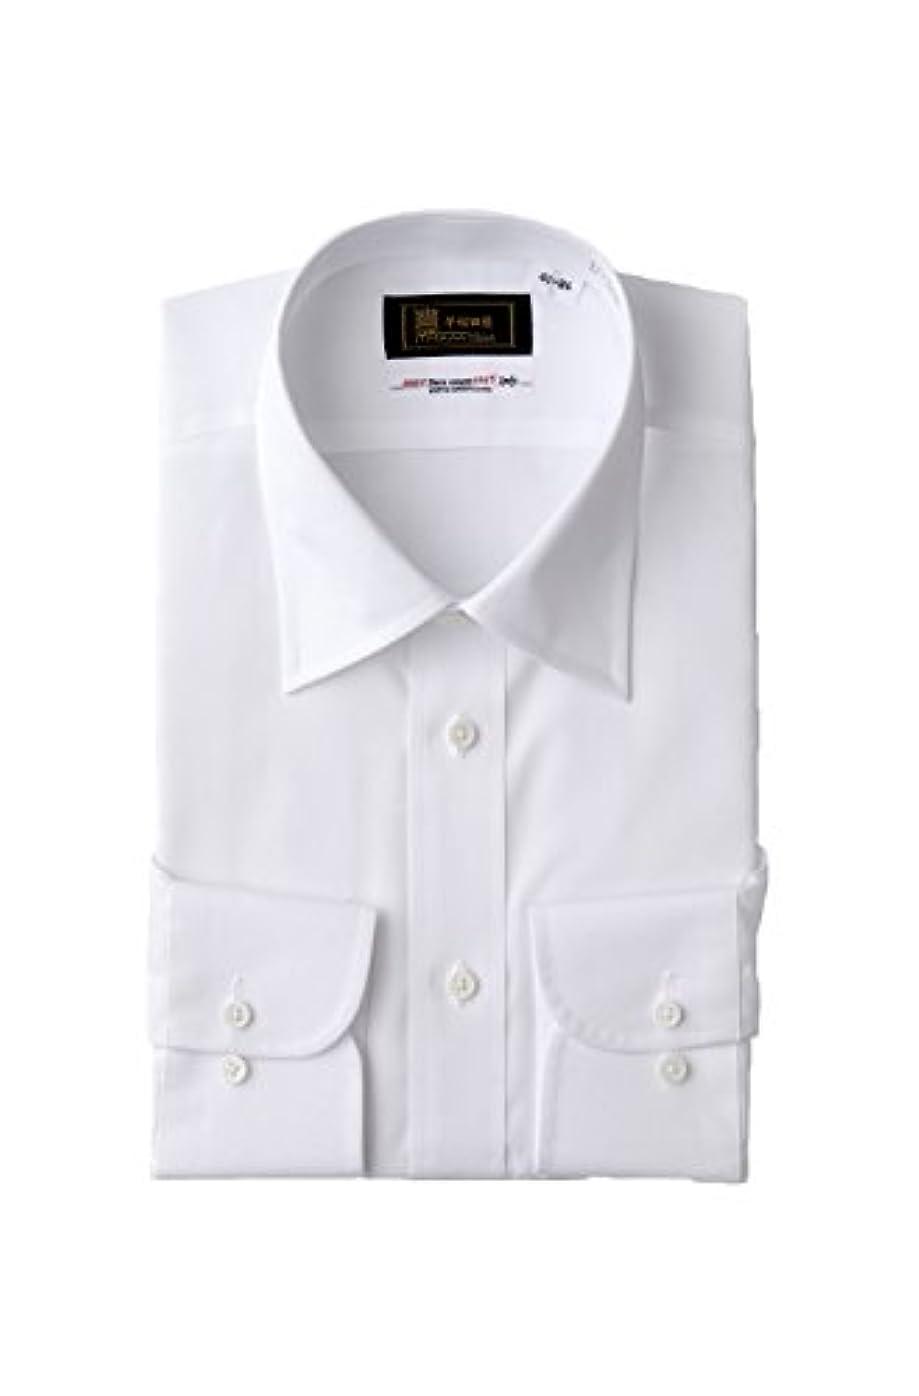 動かない汚いわずかな(モノワール) MONOIR 喪服 メンズ 礼服 日本製 レギュラーカラー シャツ ワイシャツ ビジネス ws1000